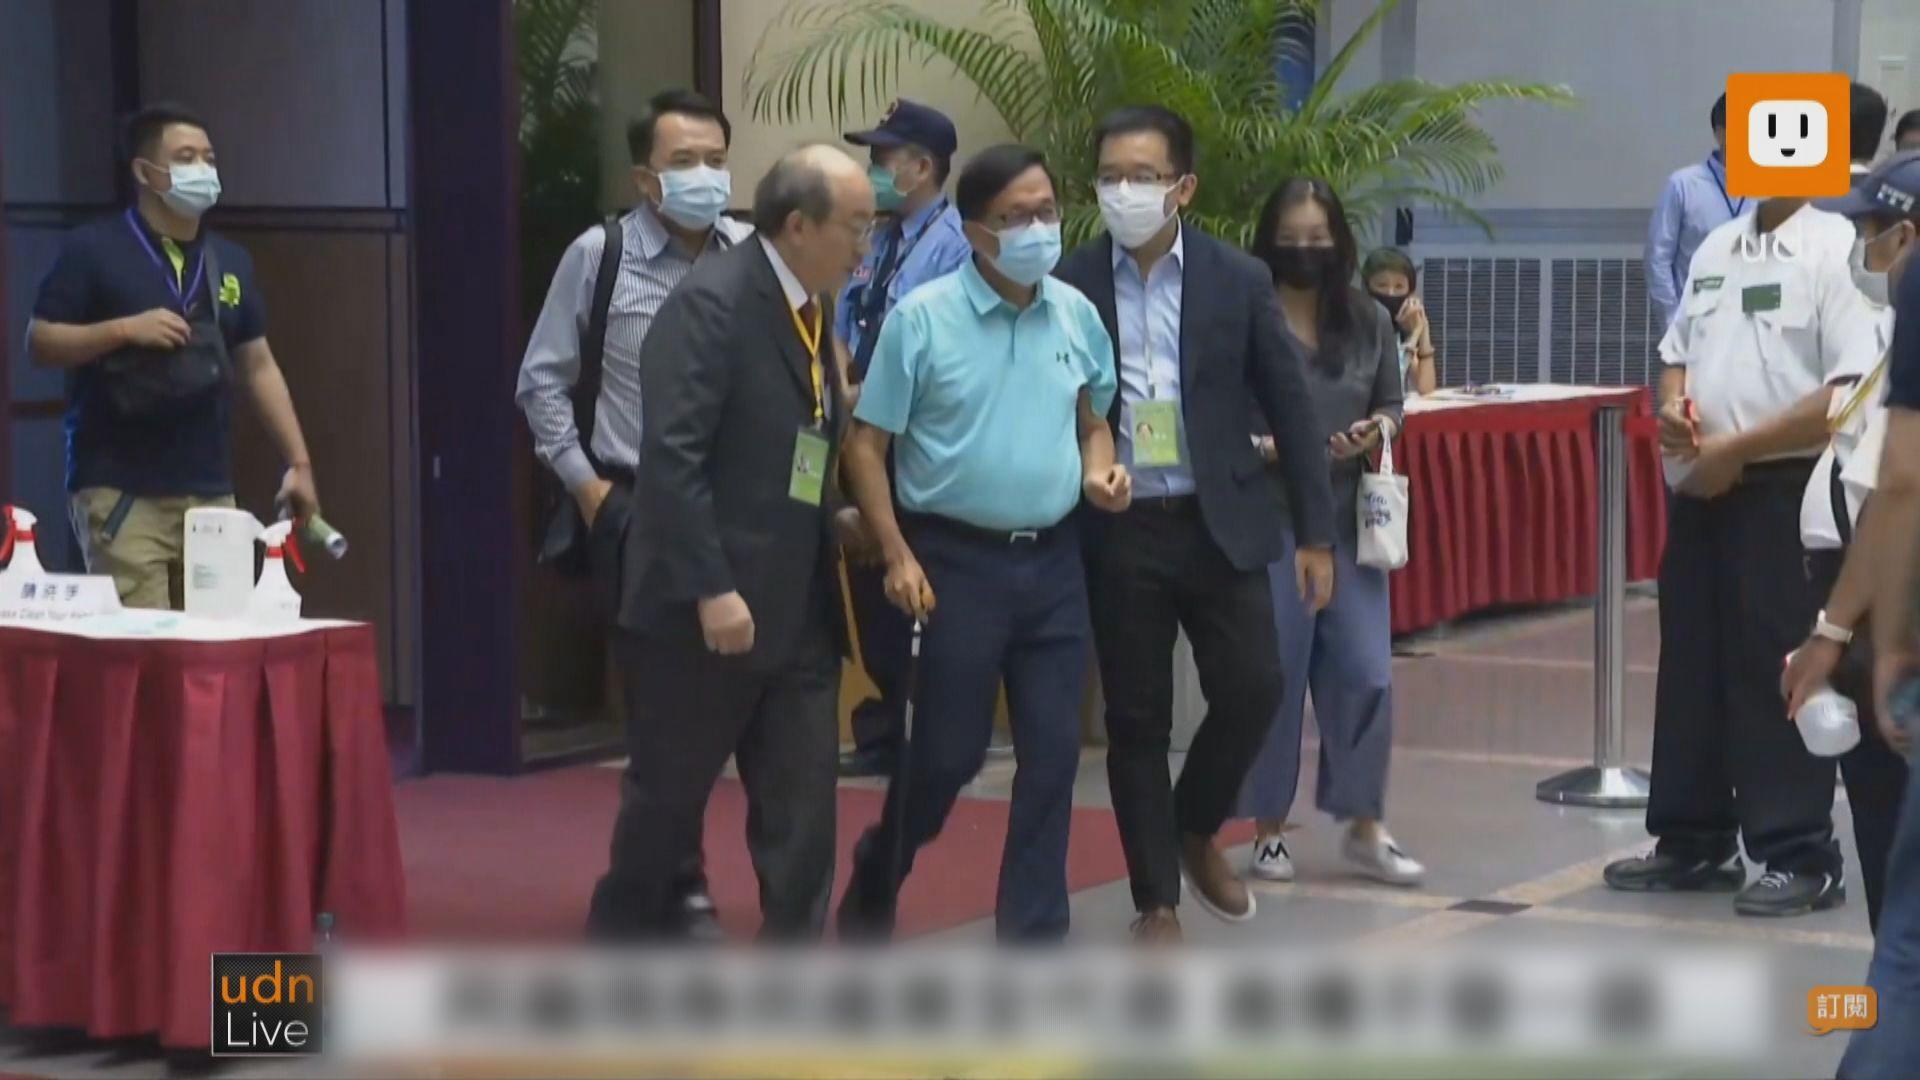 民進黨黨員代表大會陳水扁前總統到場投票